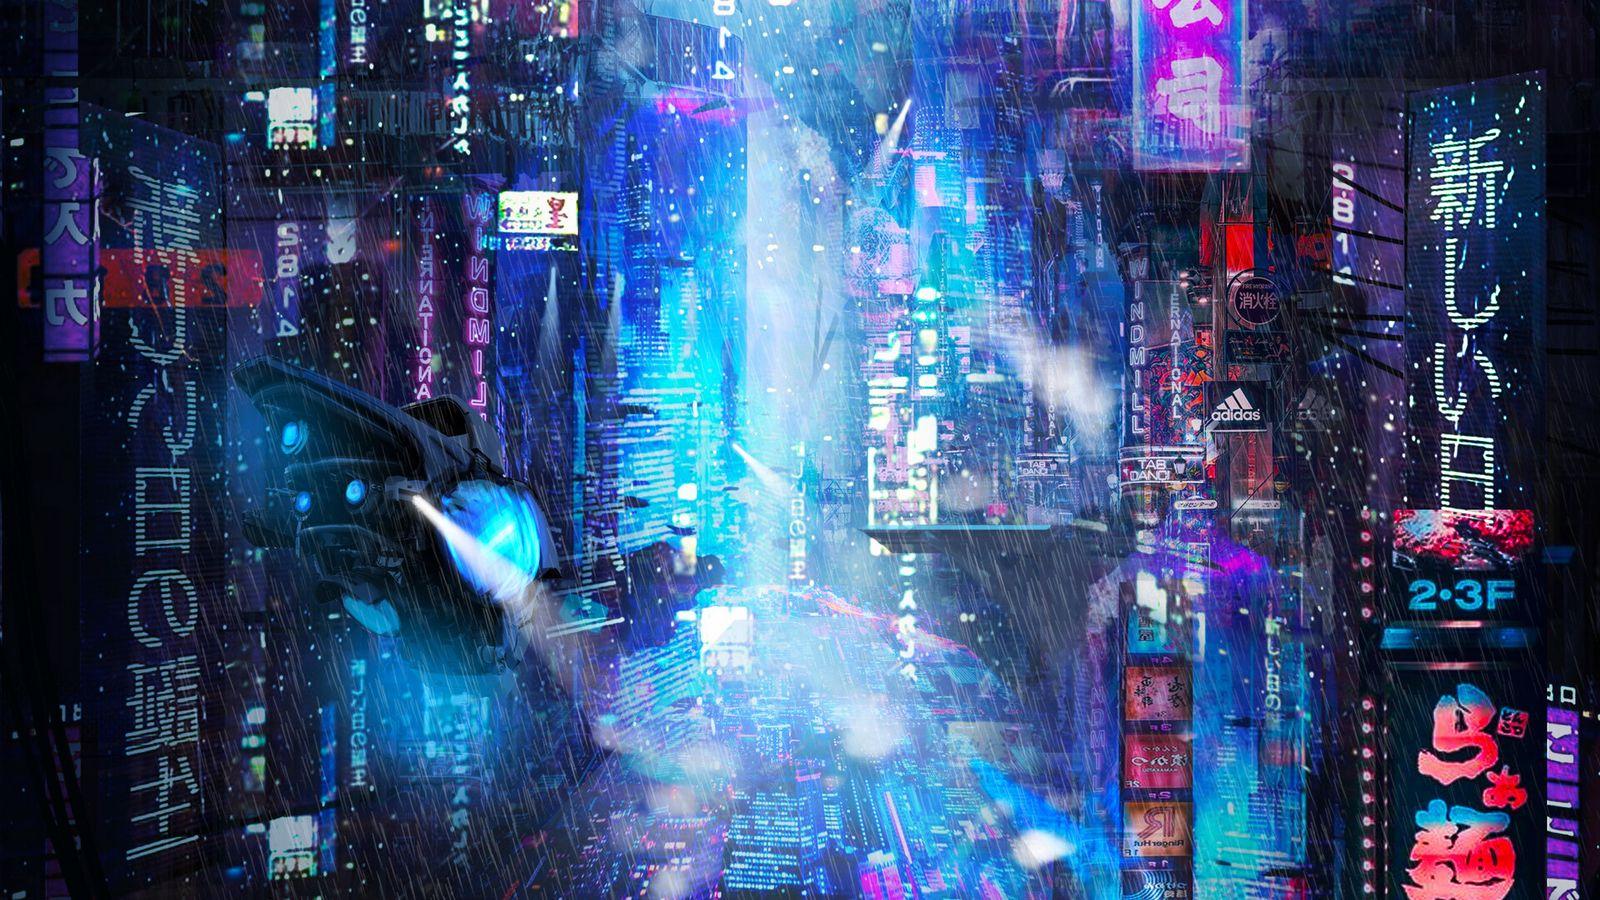 1600x900 Wallpaper future, neon, city, rain